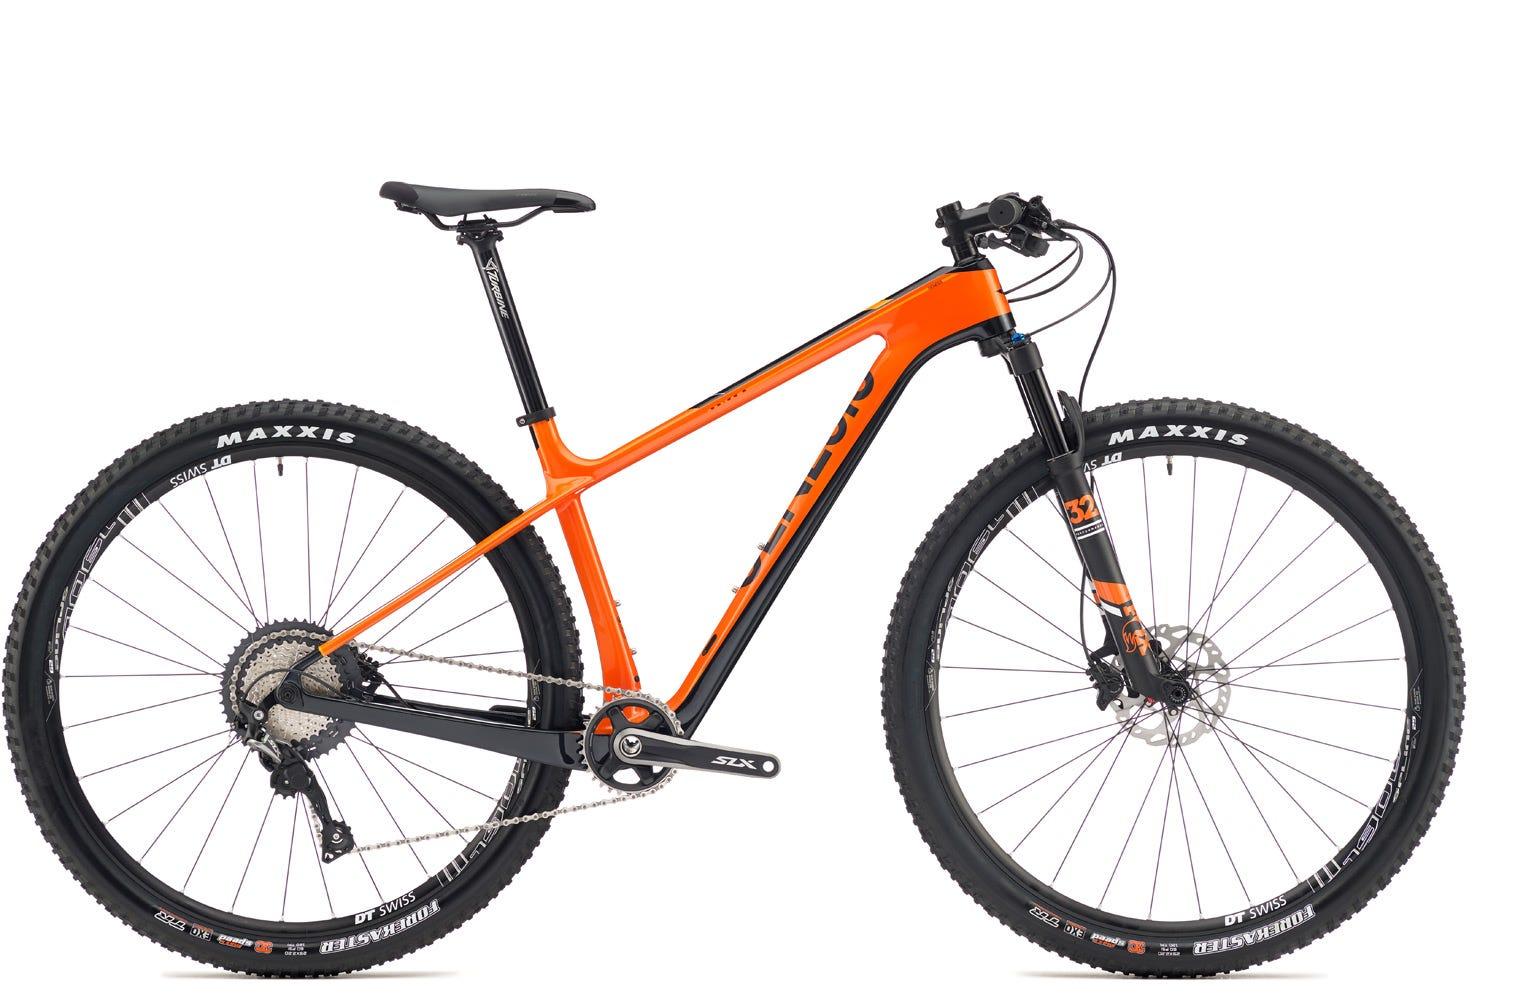 Genesis 2018 Mantle 20 XC Carbon Race lg Ex Display